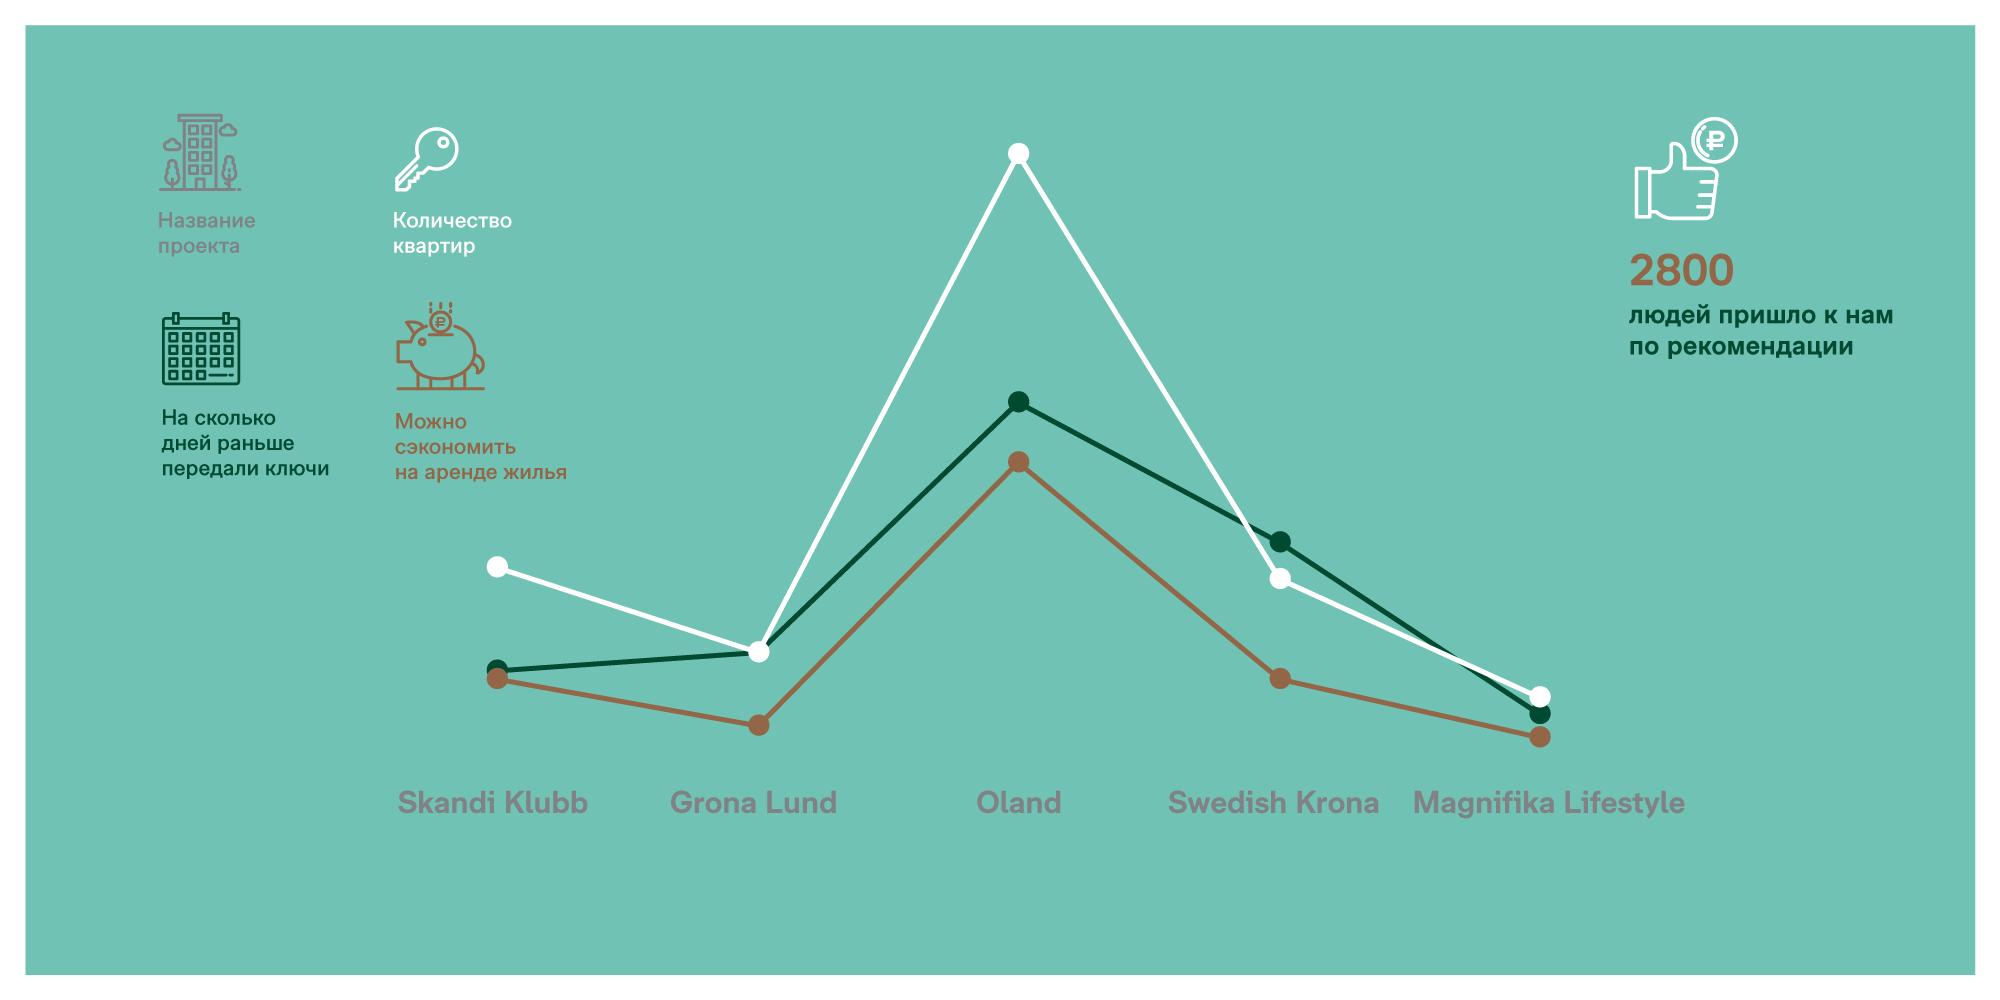 Інфографіка для будівельної компанії Bonava